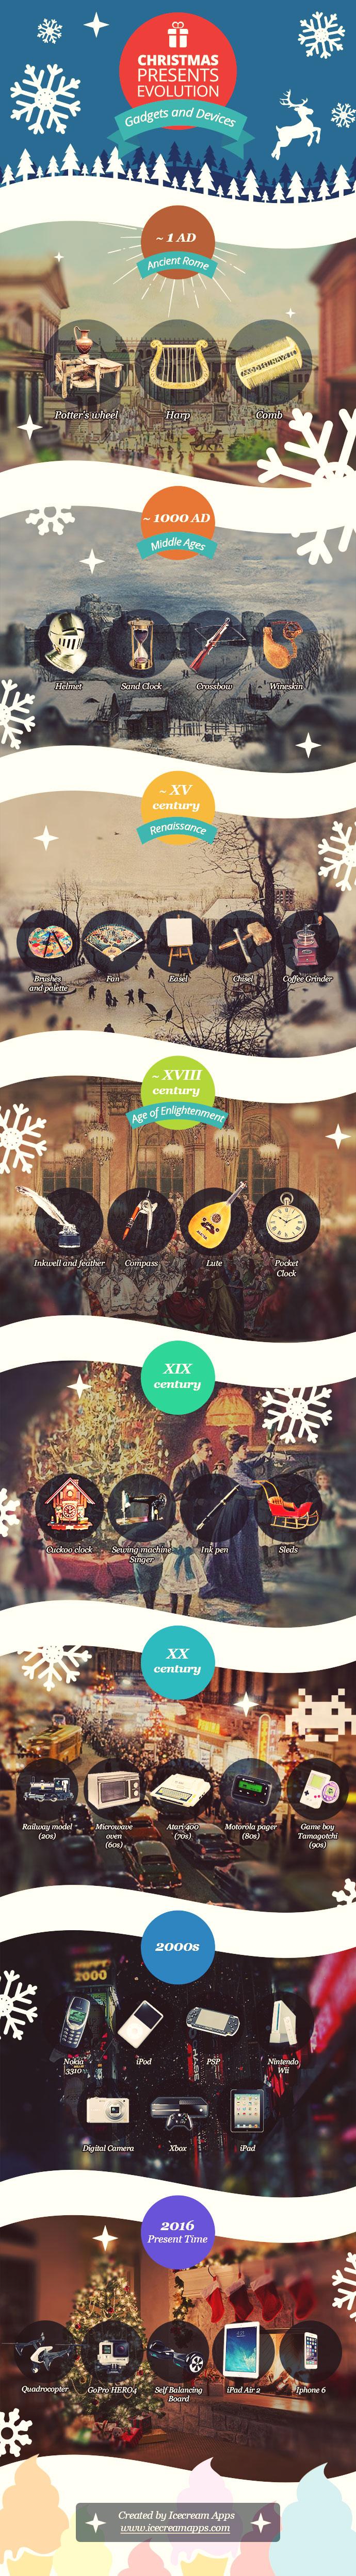 Christmas Gifts Evolution